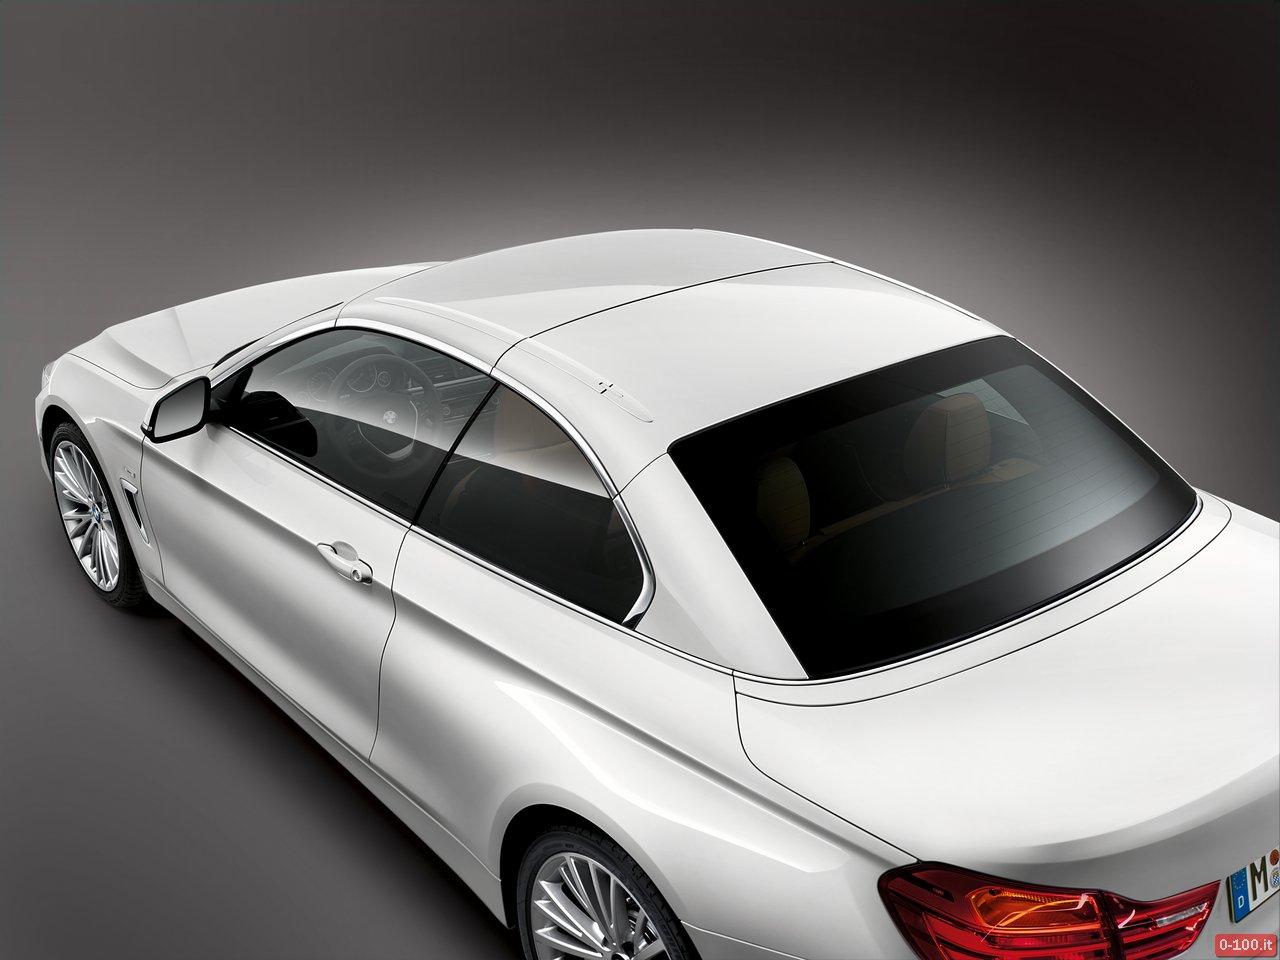 BMW-serie-4-cabrio-420d-428i-435i-cabrio_56